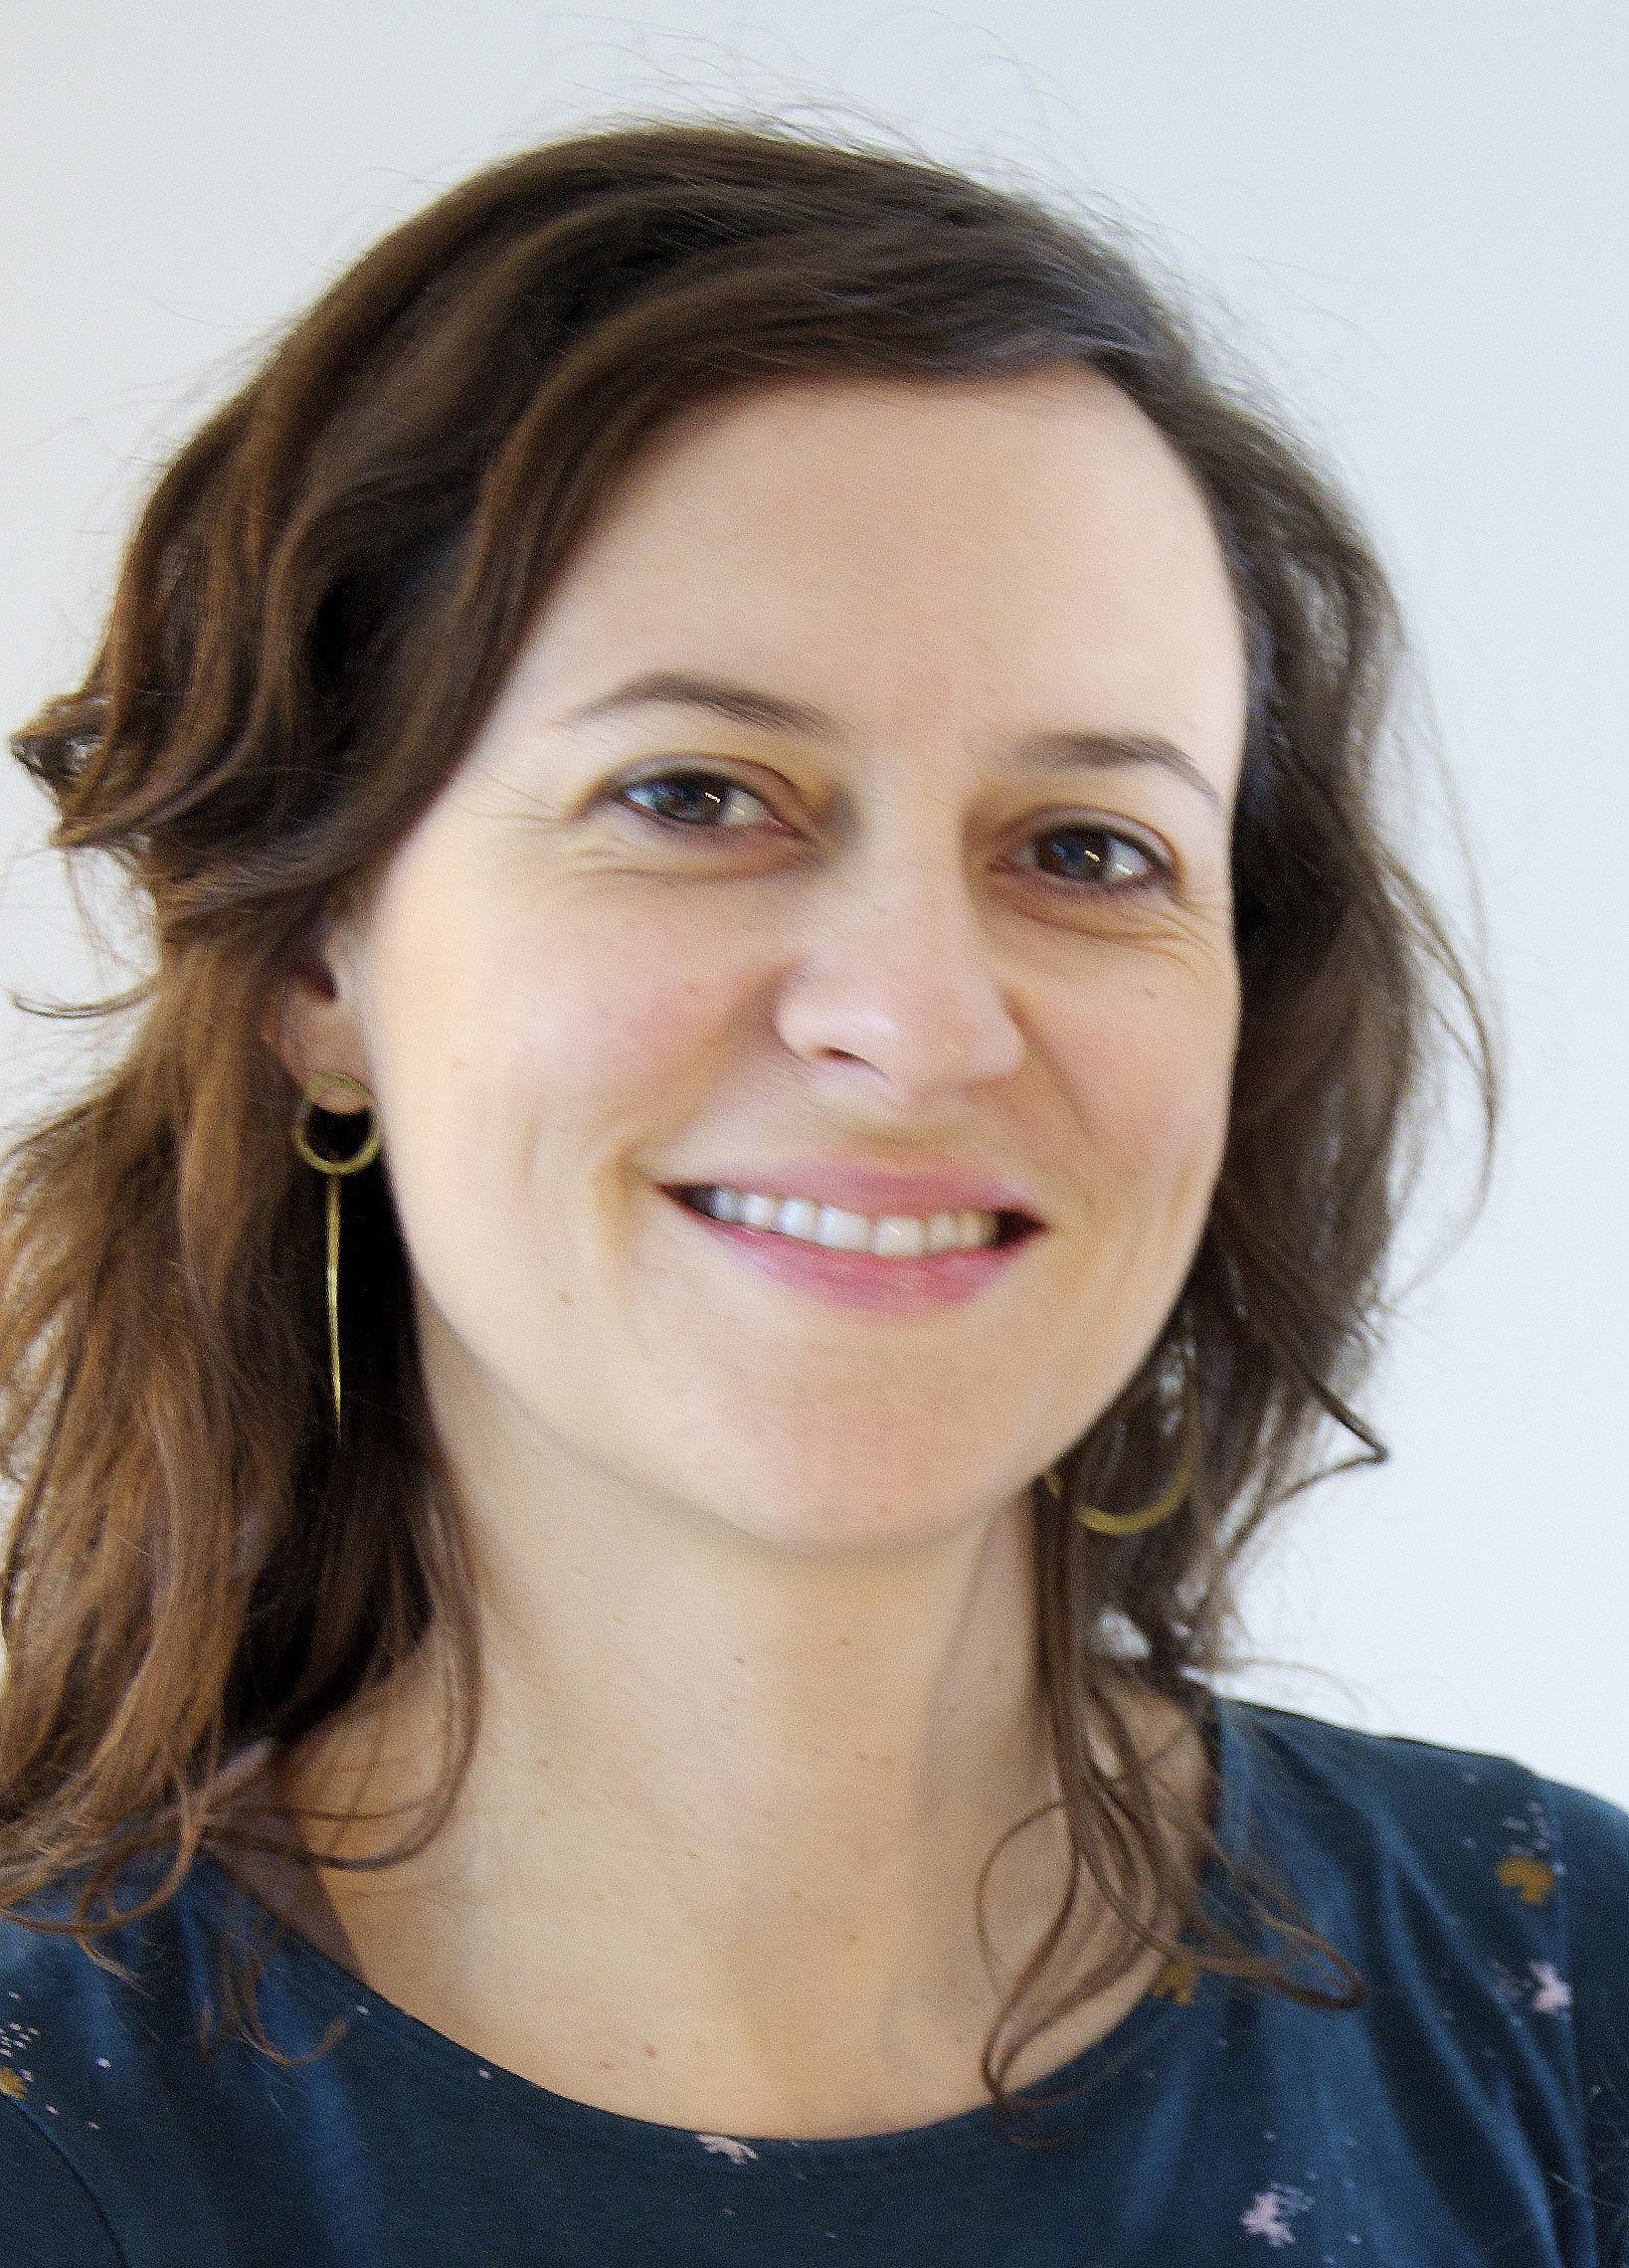 Sarah Chauliaguet hypnotherapeute, naturopathe, professeur de yoga à Paris